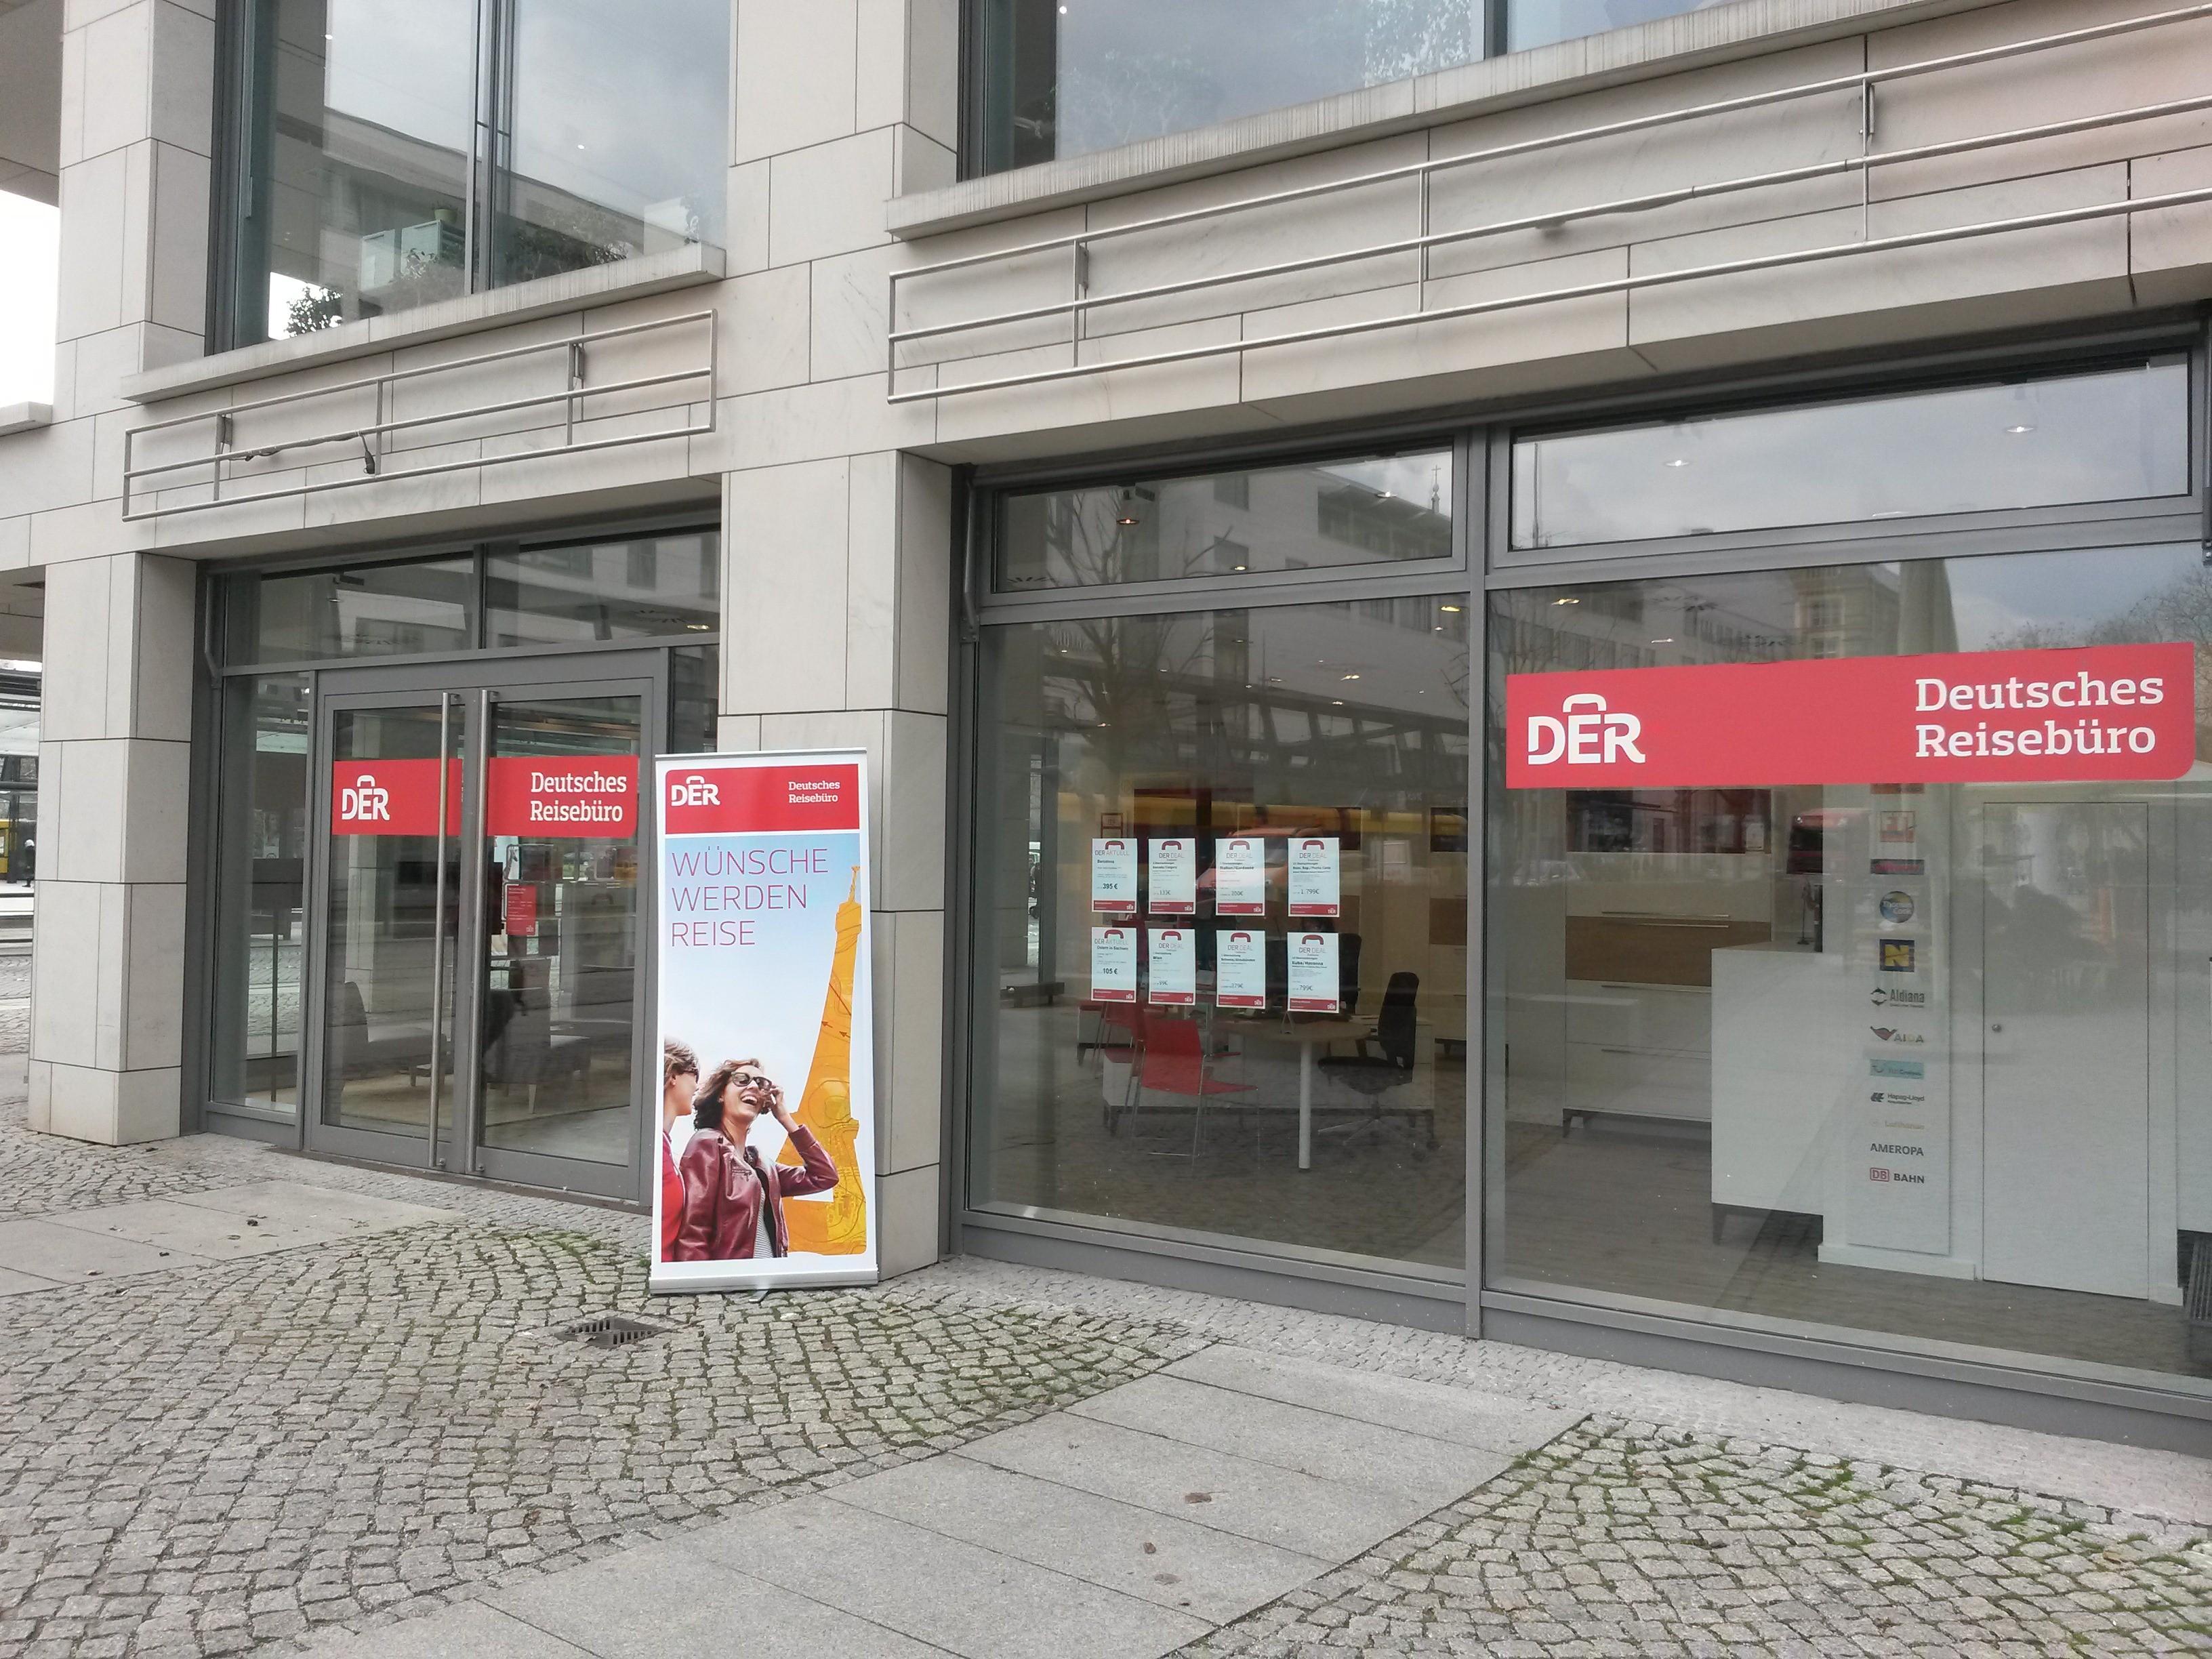 DER Deutsches Reisebüro, Postplatz 1 in Dresden